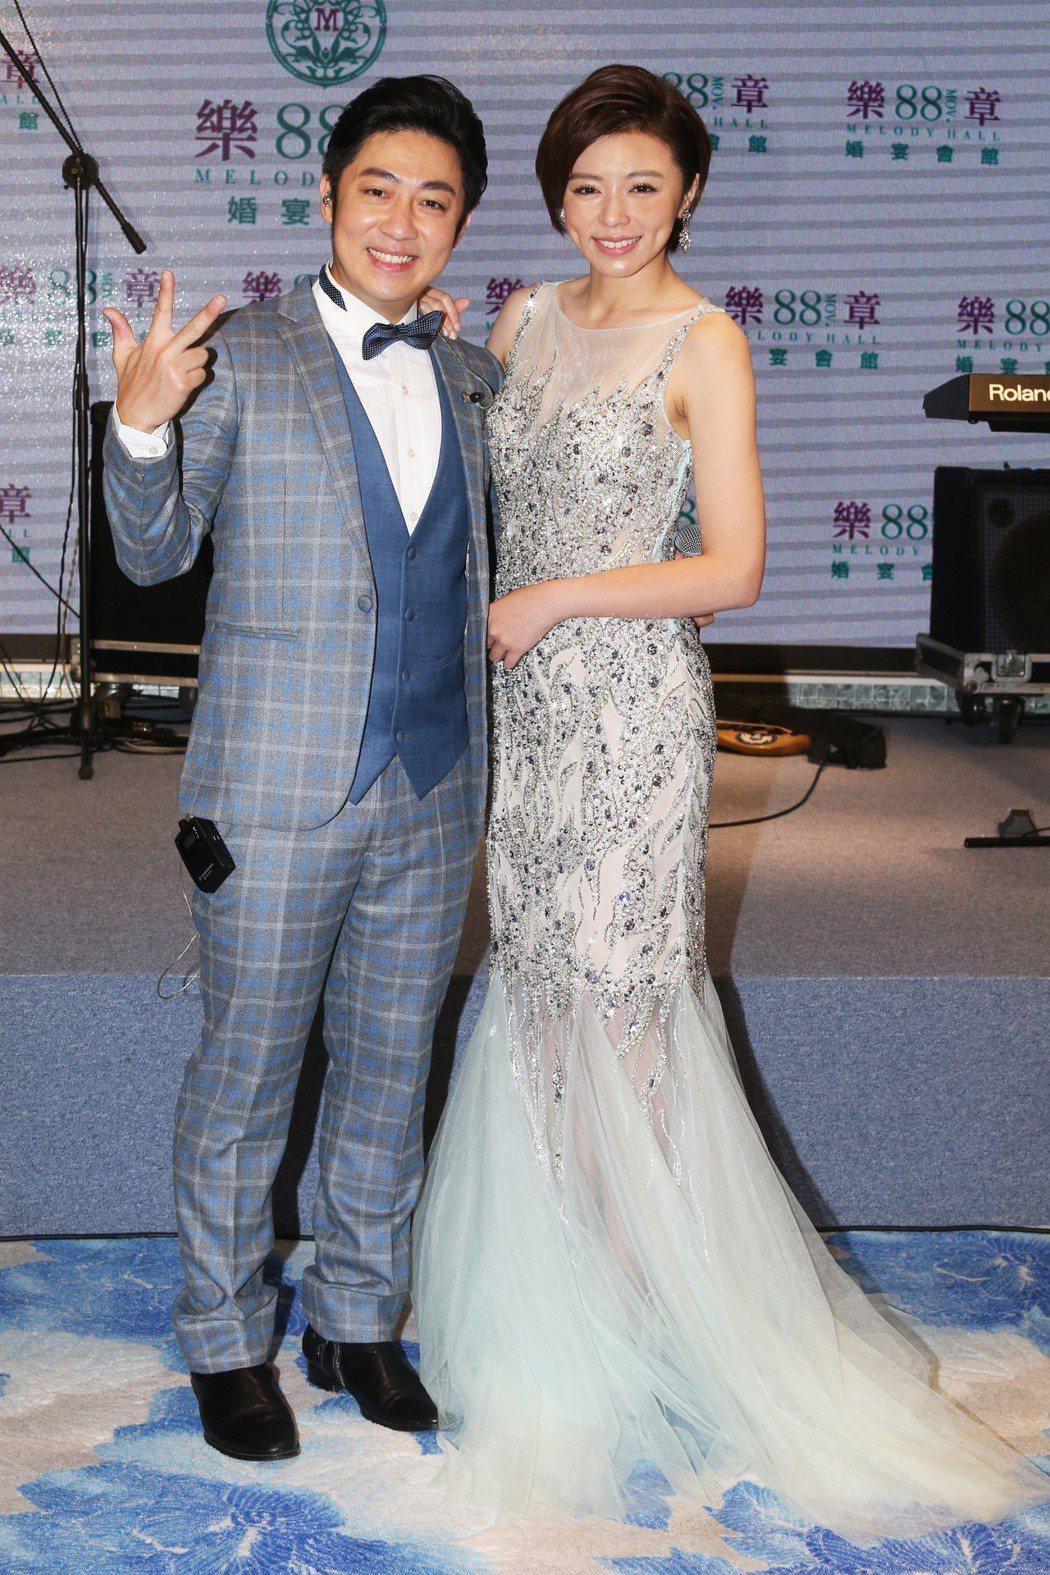 王瞳、艾成合體出席婚宴會館開幕活動。記者徐兆玄/攝影